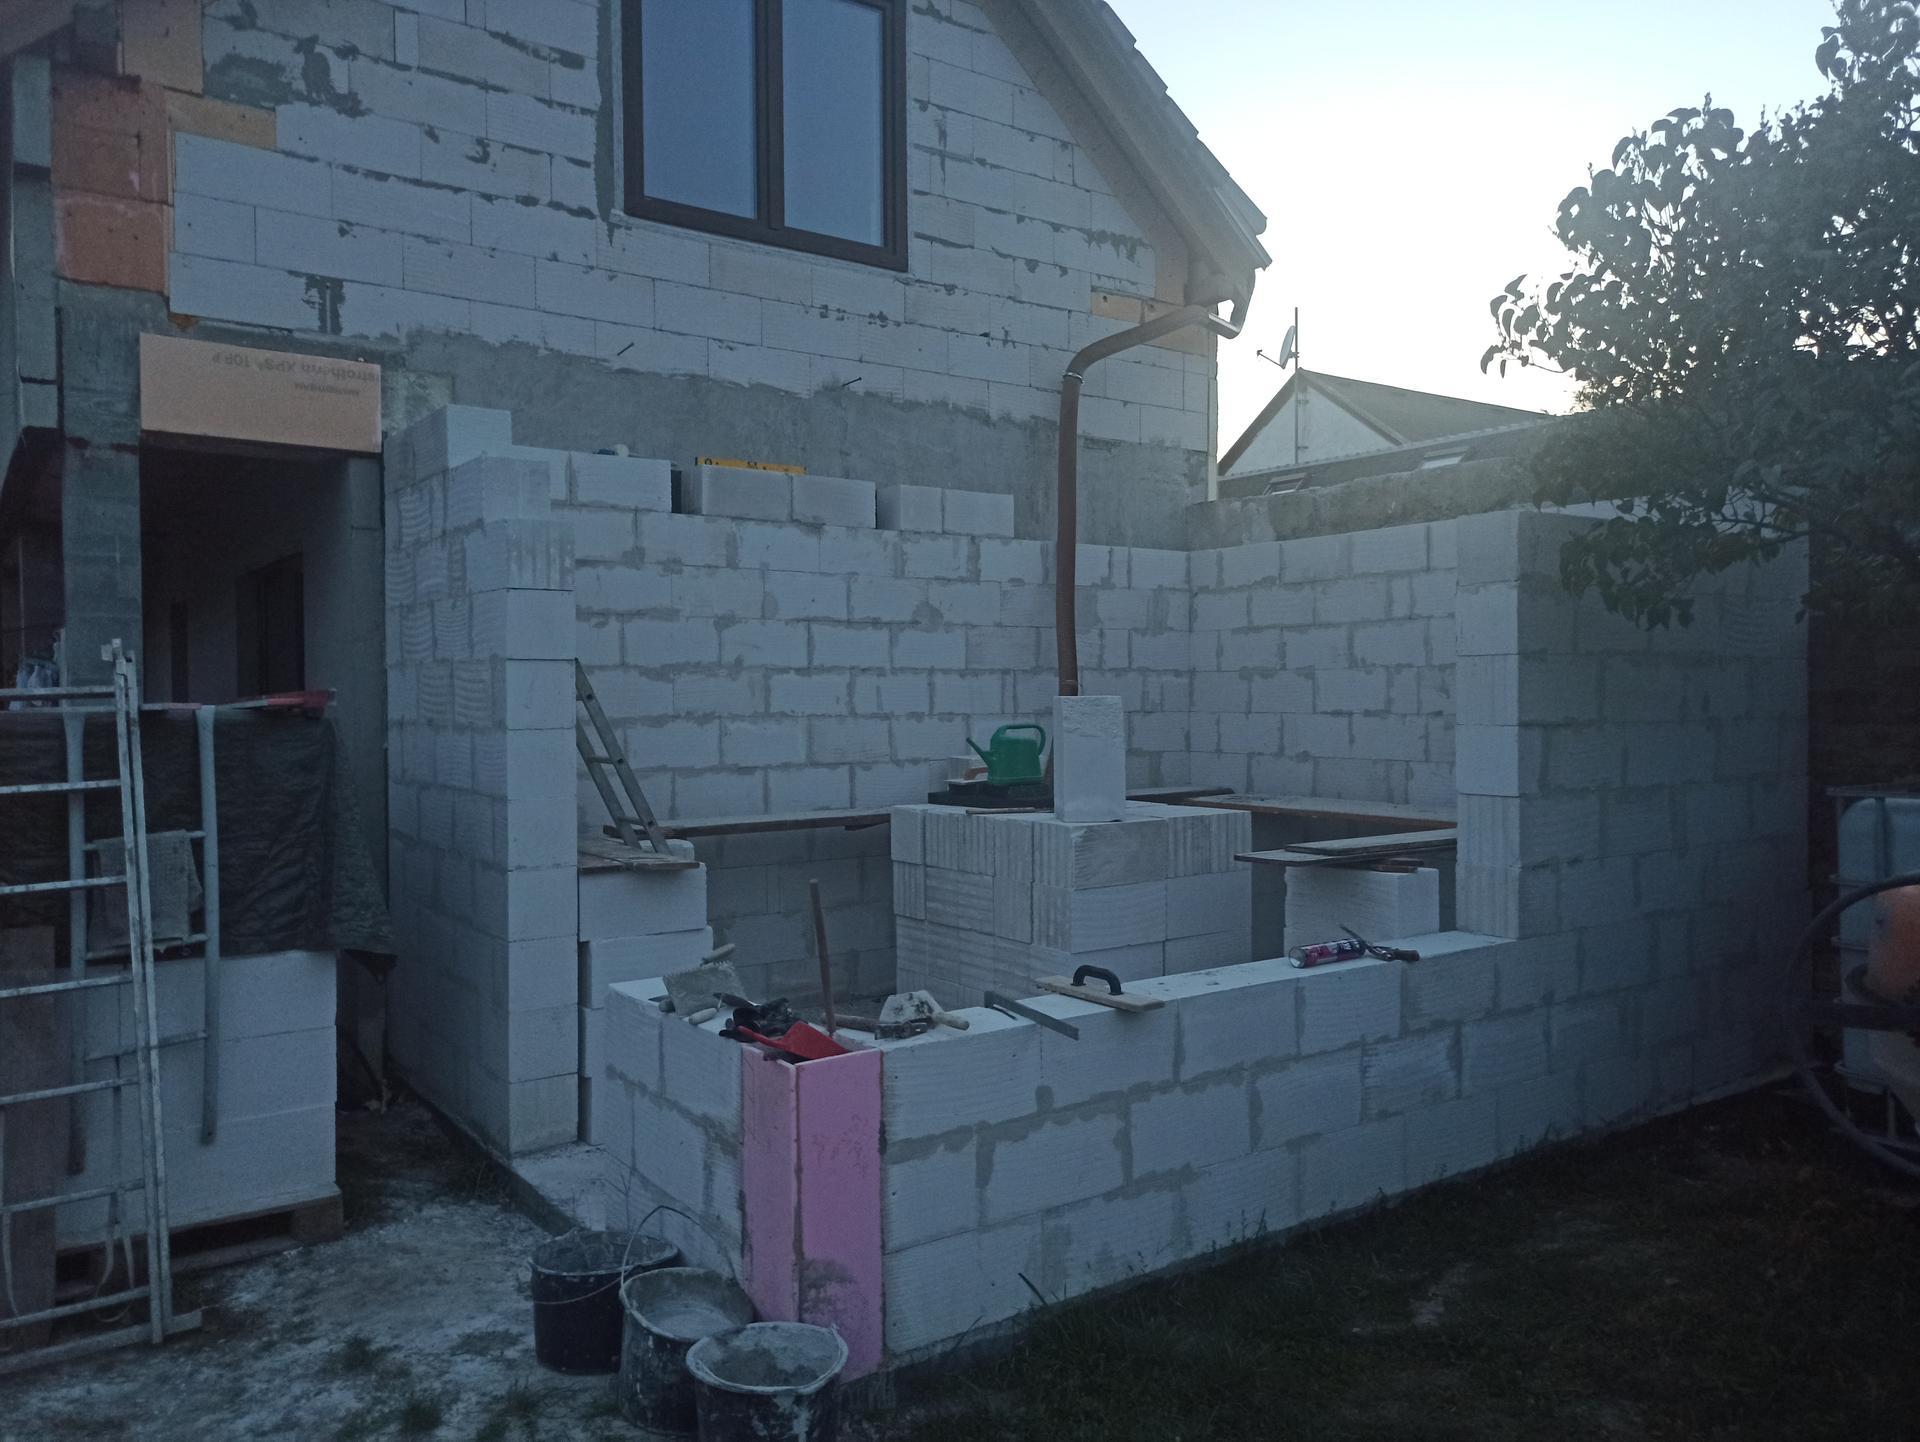 Náš budúci domov - rekonštrukcia rodinného domu - Obrázok č. 546